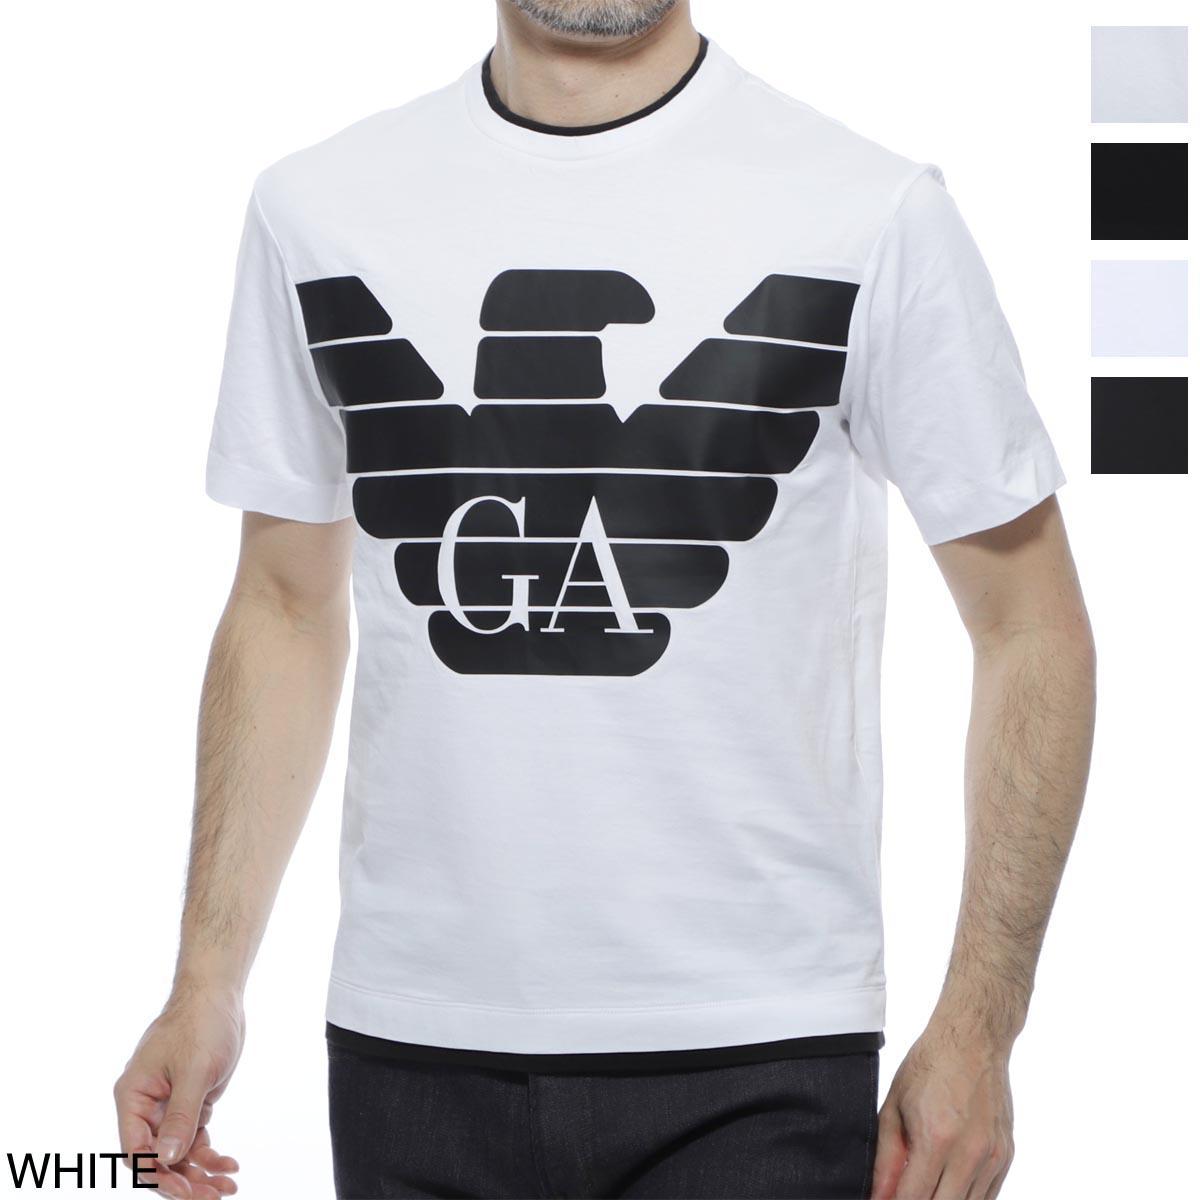 エンポリオアルマーニ EMPORIO ARMANI クルーネック 半袖Tシャツ メンズ Tシャツ コットン 3h1tm0 1jcqz f162【あす楽対応_関東】【返品送料無料】【ラッピング無料】